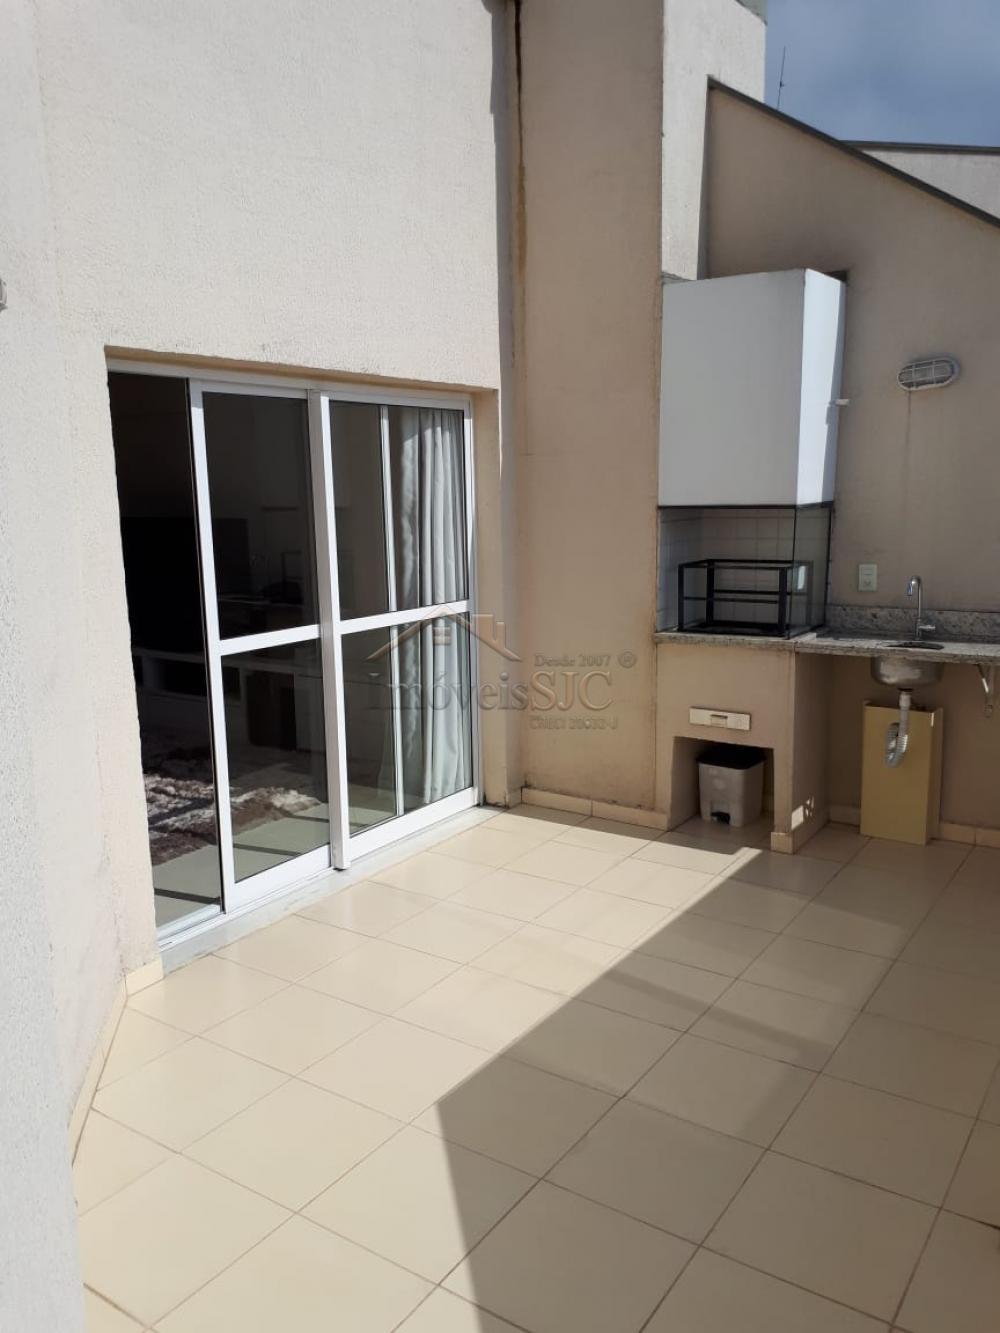 Alugar Apartamentos / Cobertura em São José dos Campos apenas R$ 3.500,00 - Foto 19